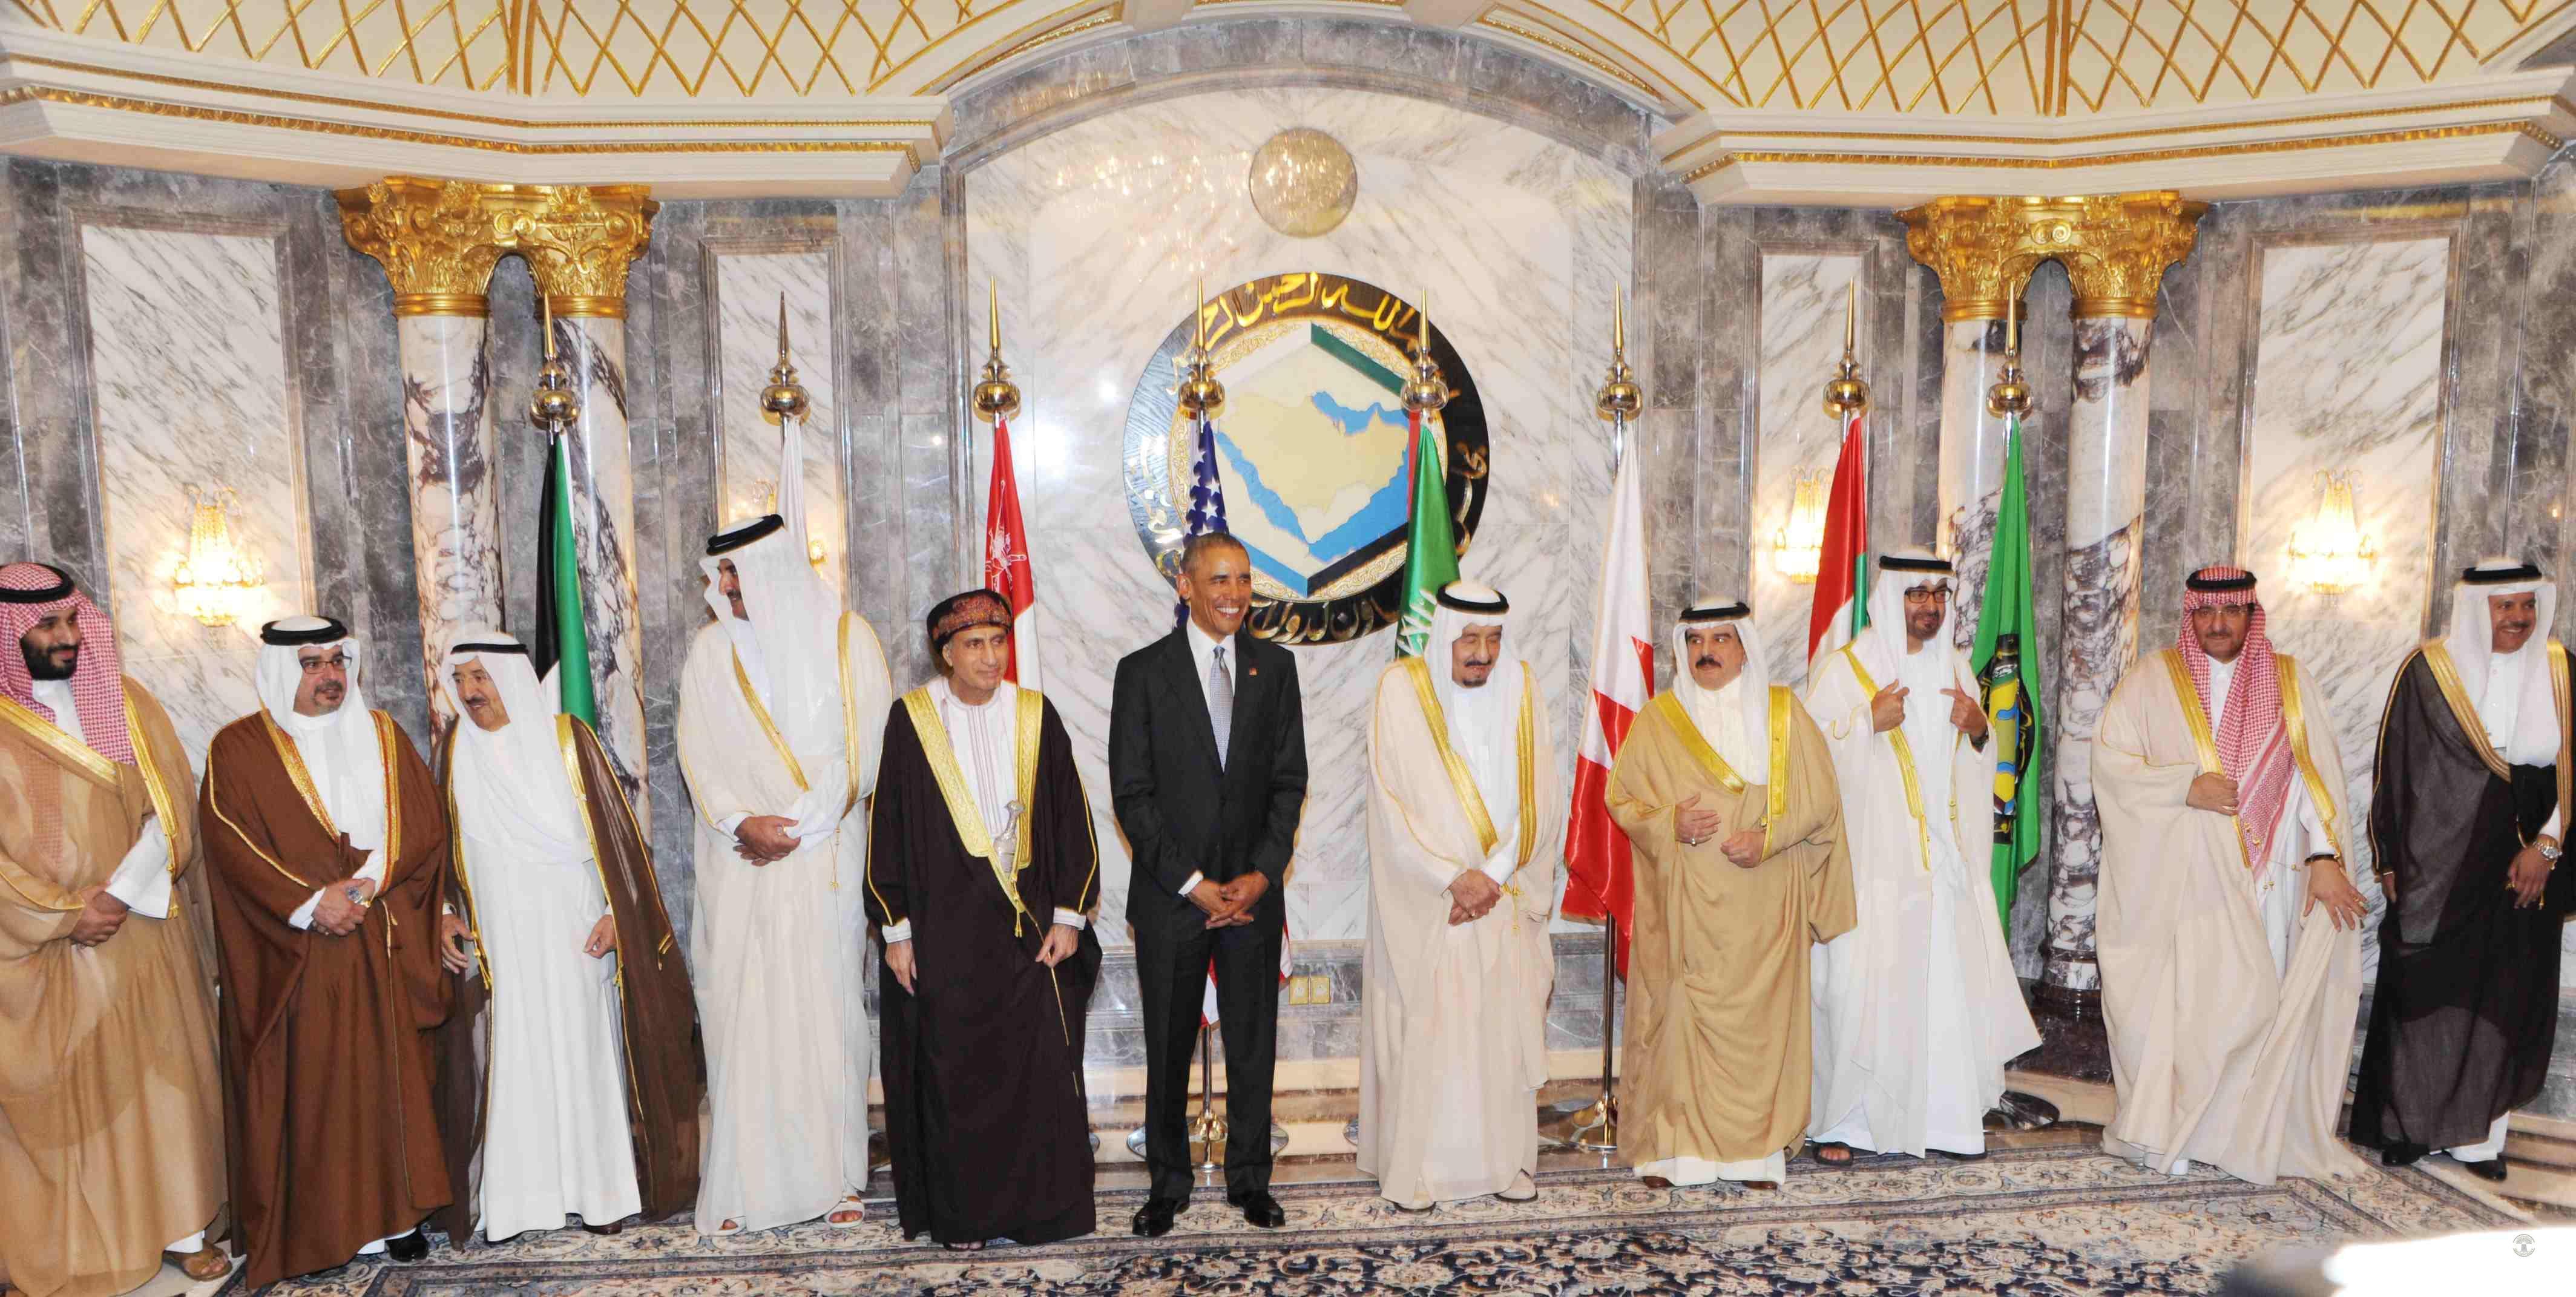 القمة الخليجية - الأمريكية في صور